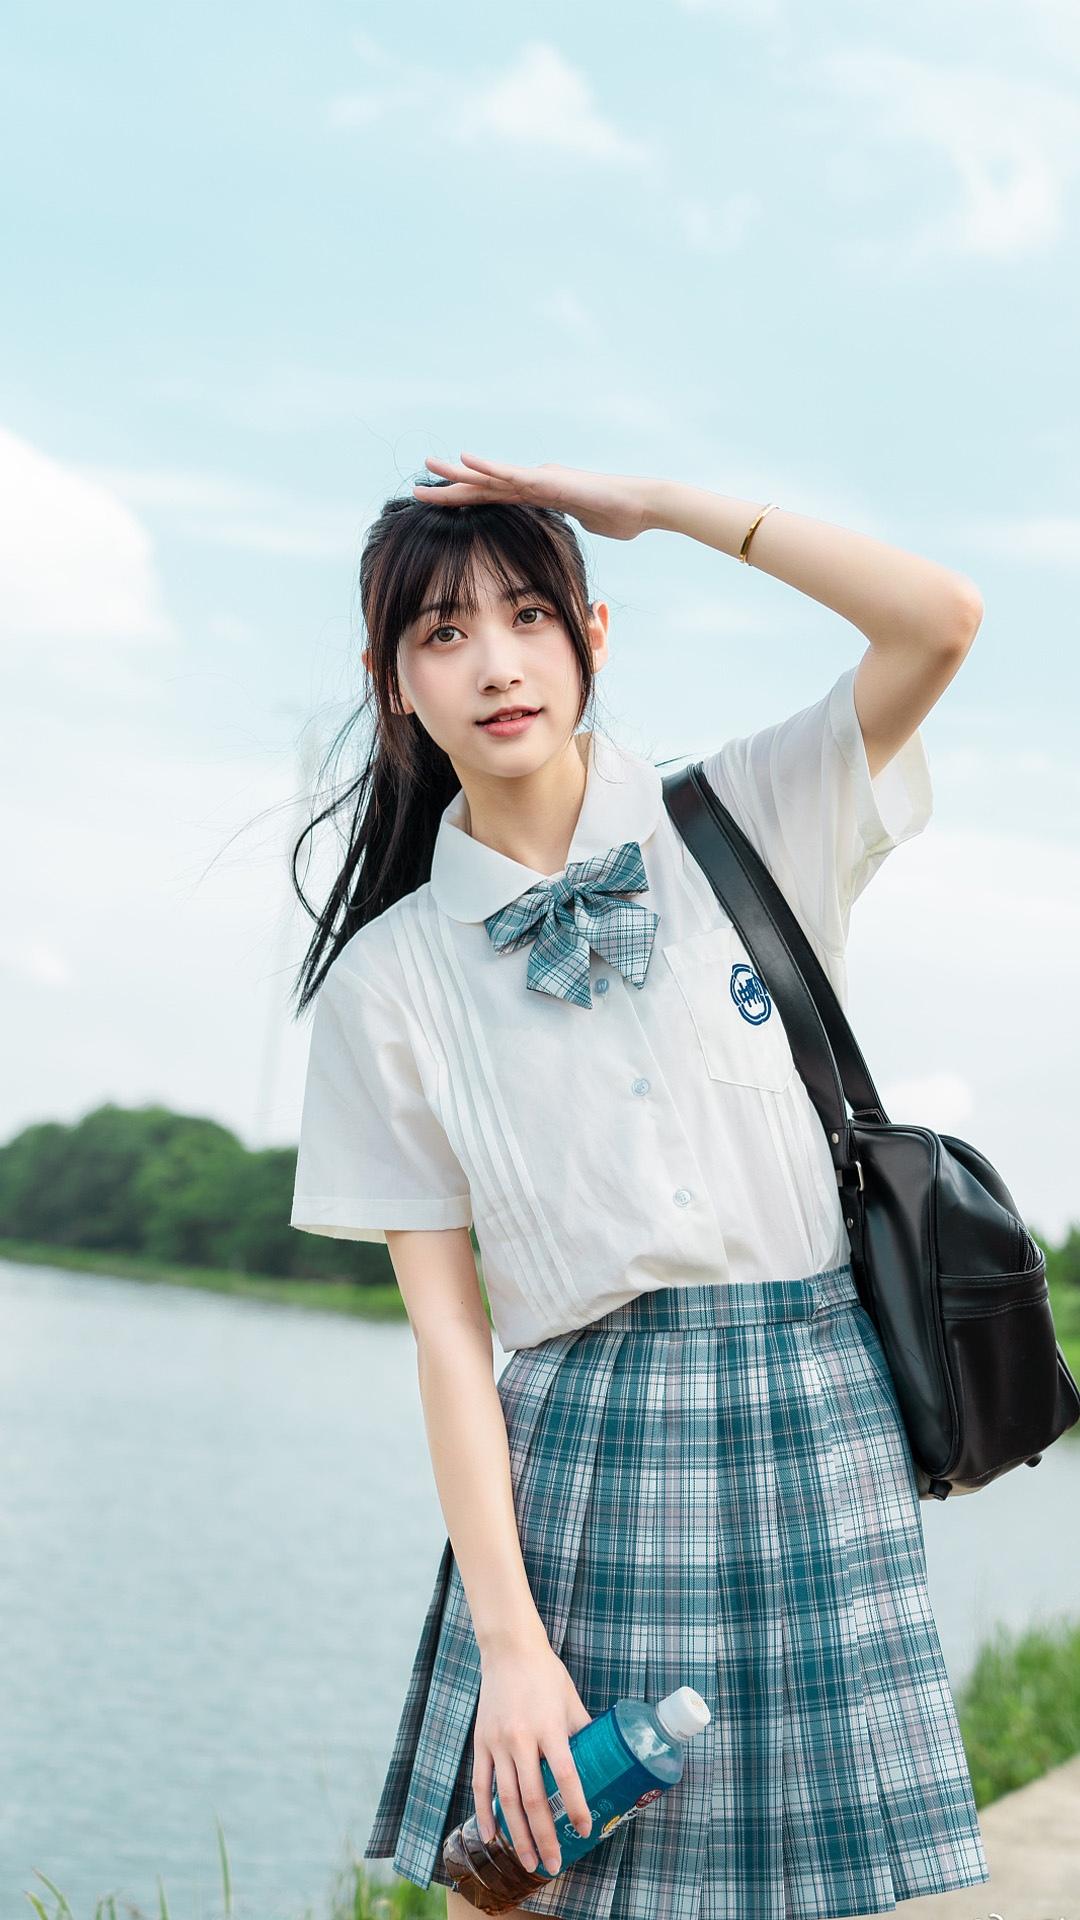 日系jk少女清纯图片